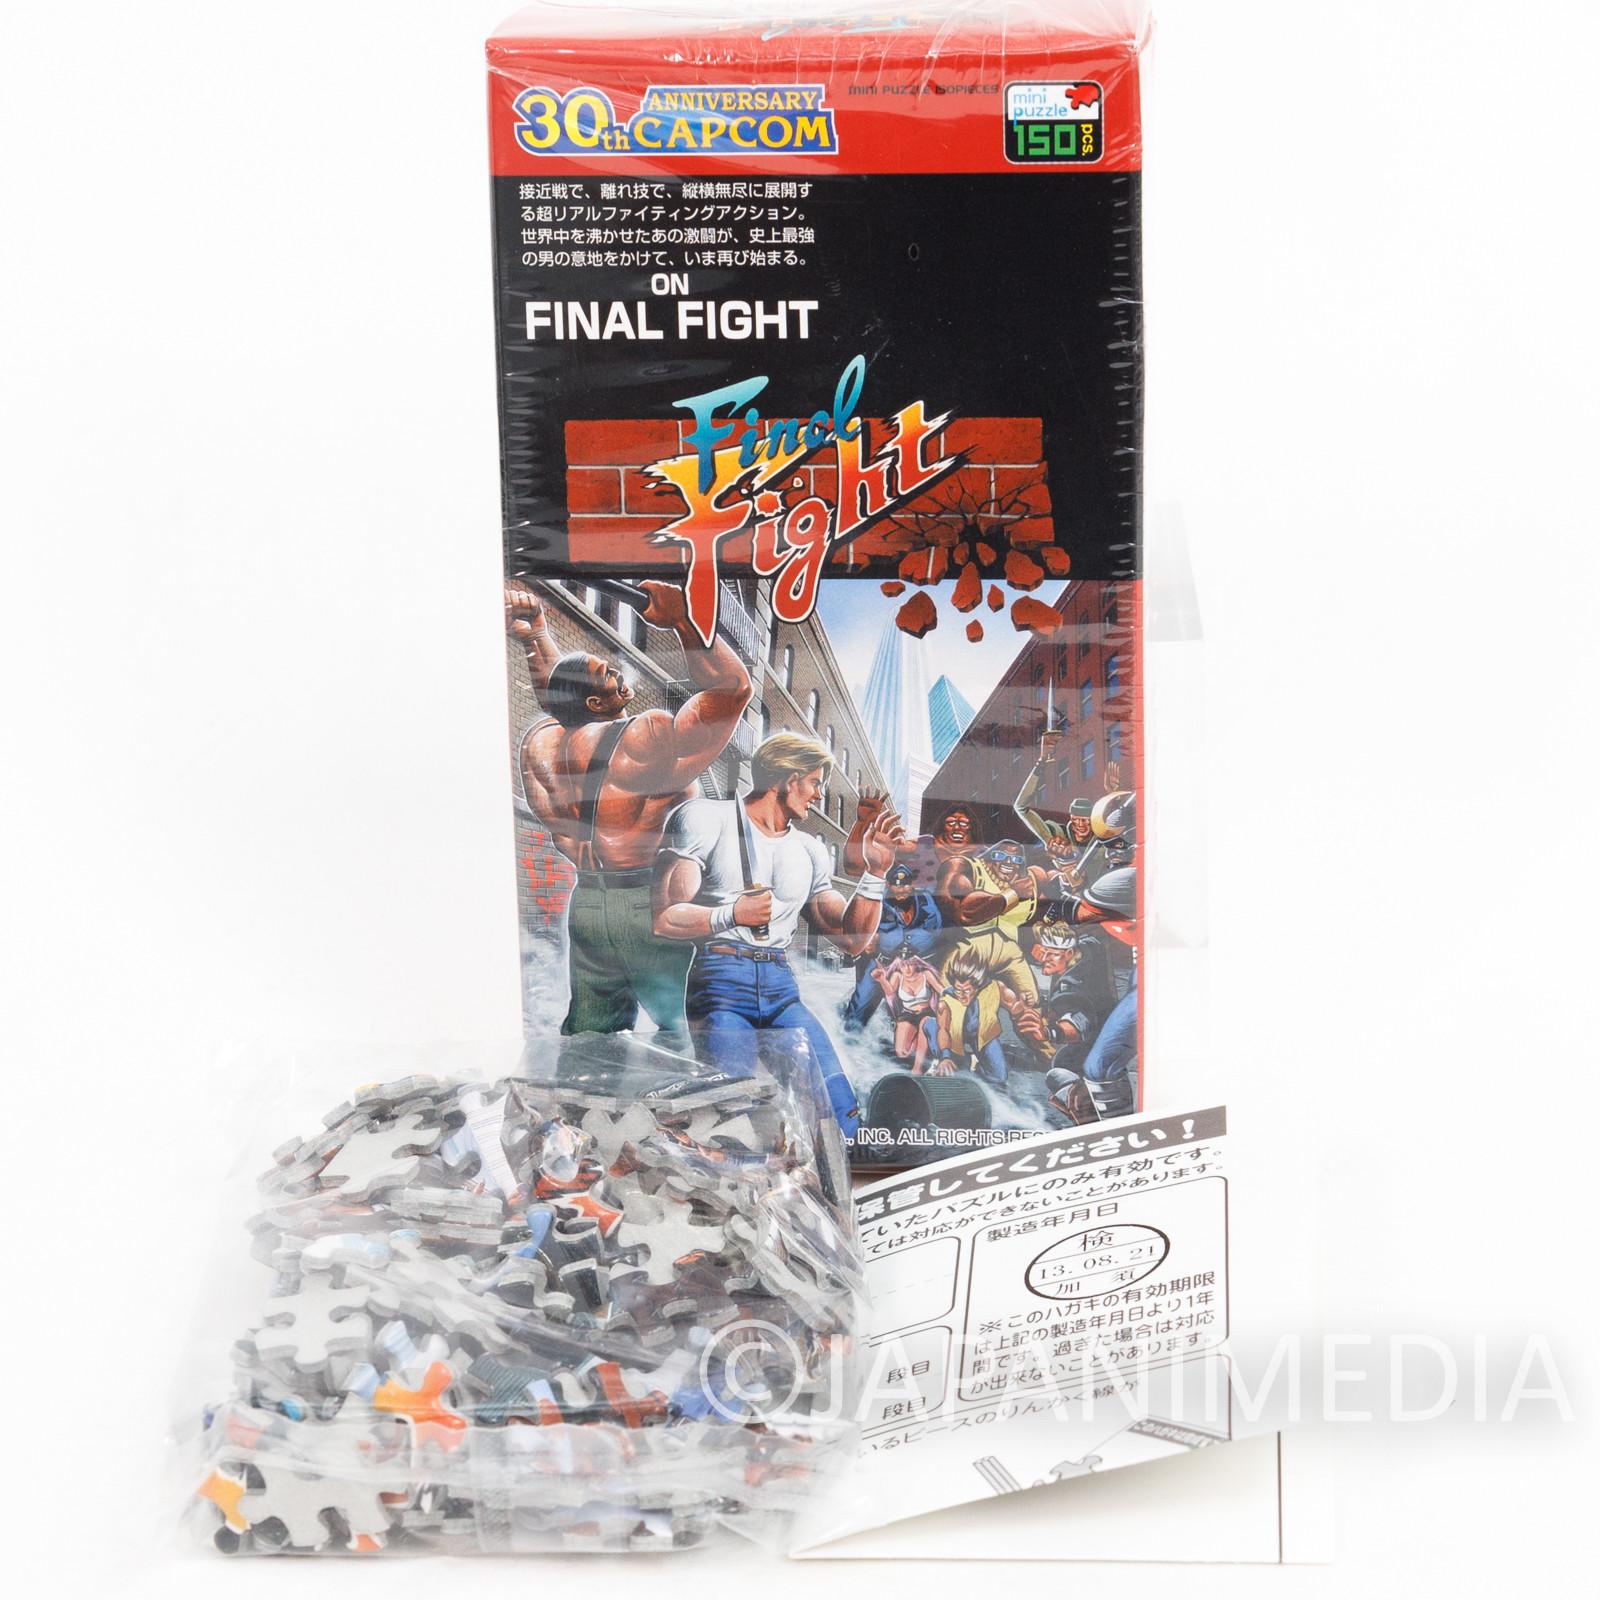 Final Fight Mini Puzzle 150 Piece Capcom JAPAN FAMICOM